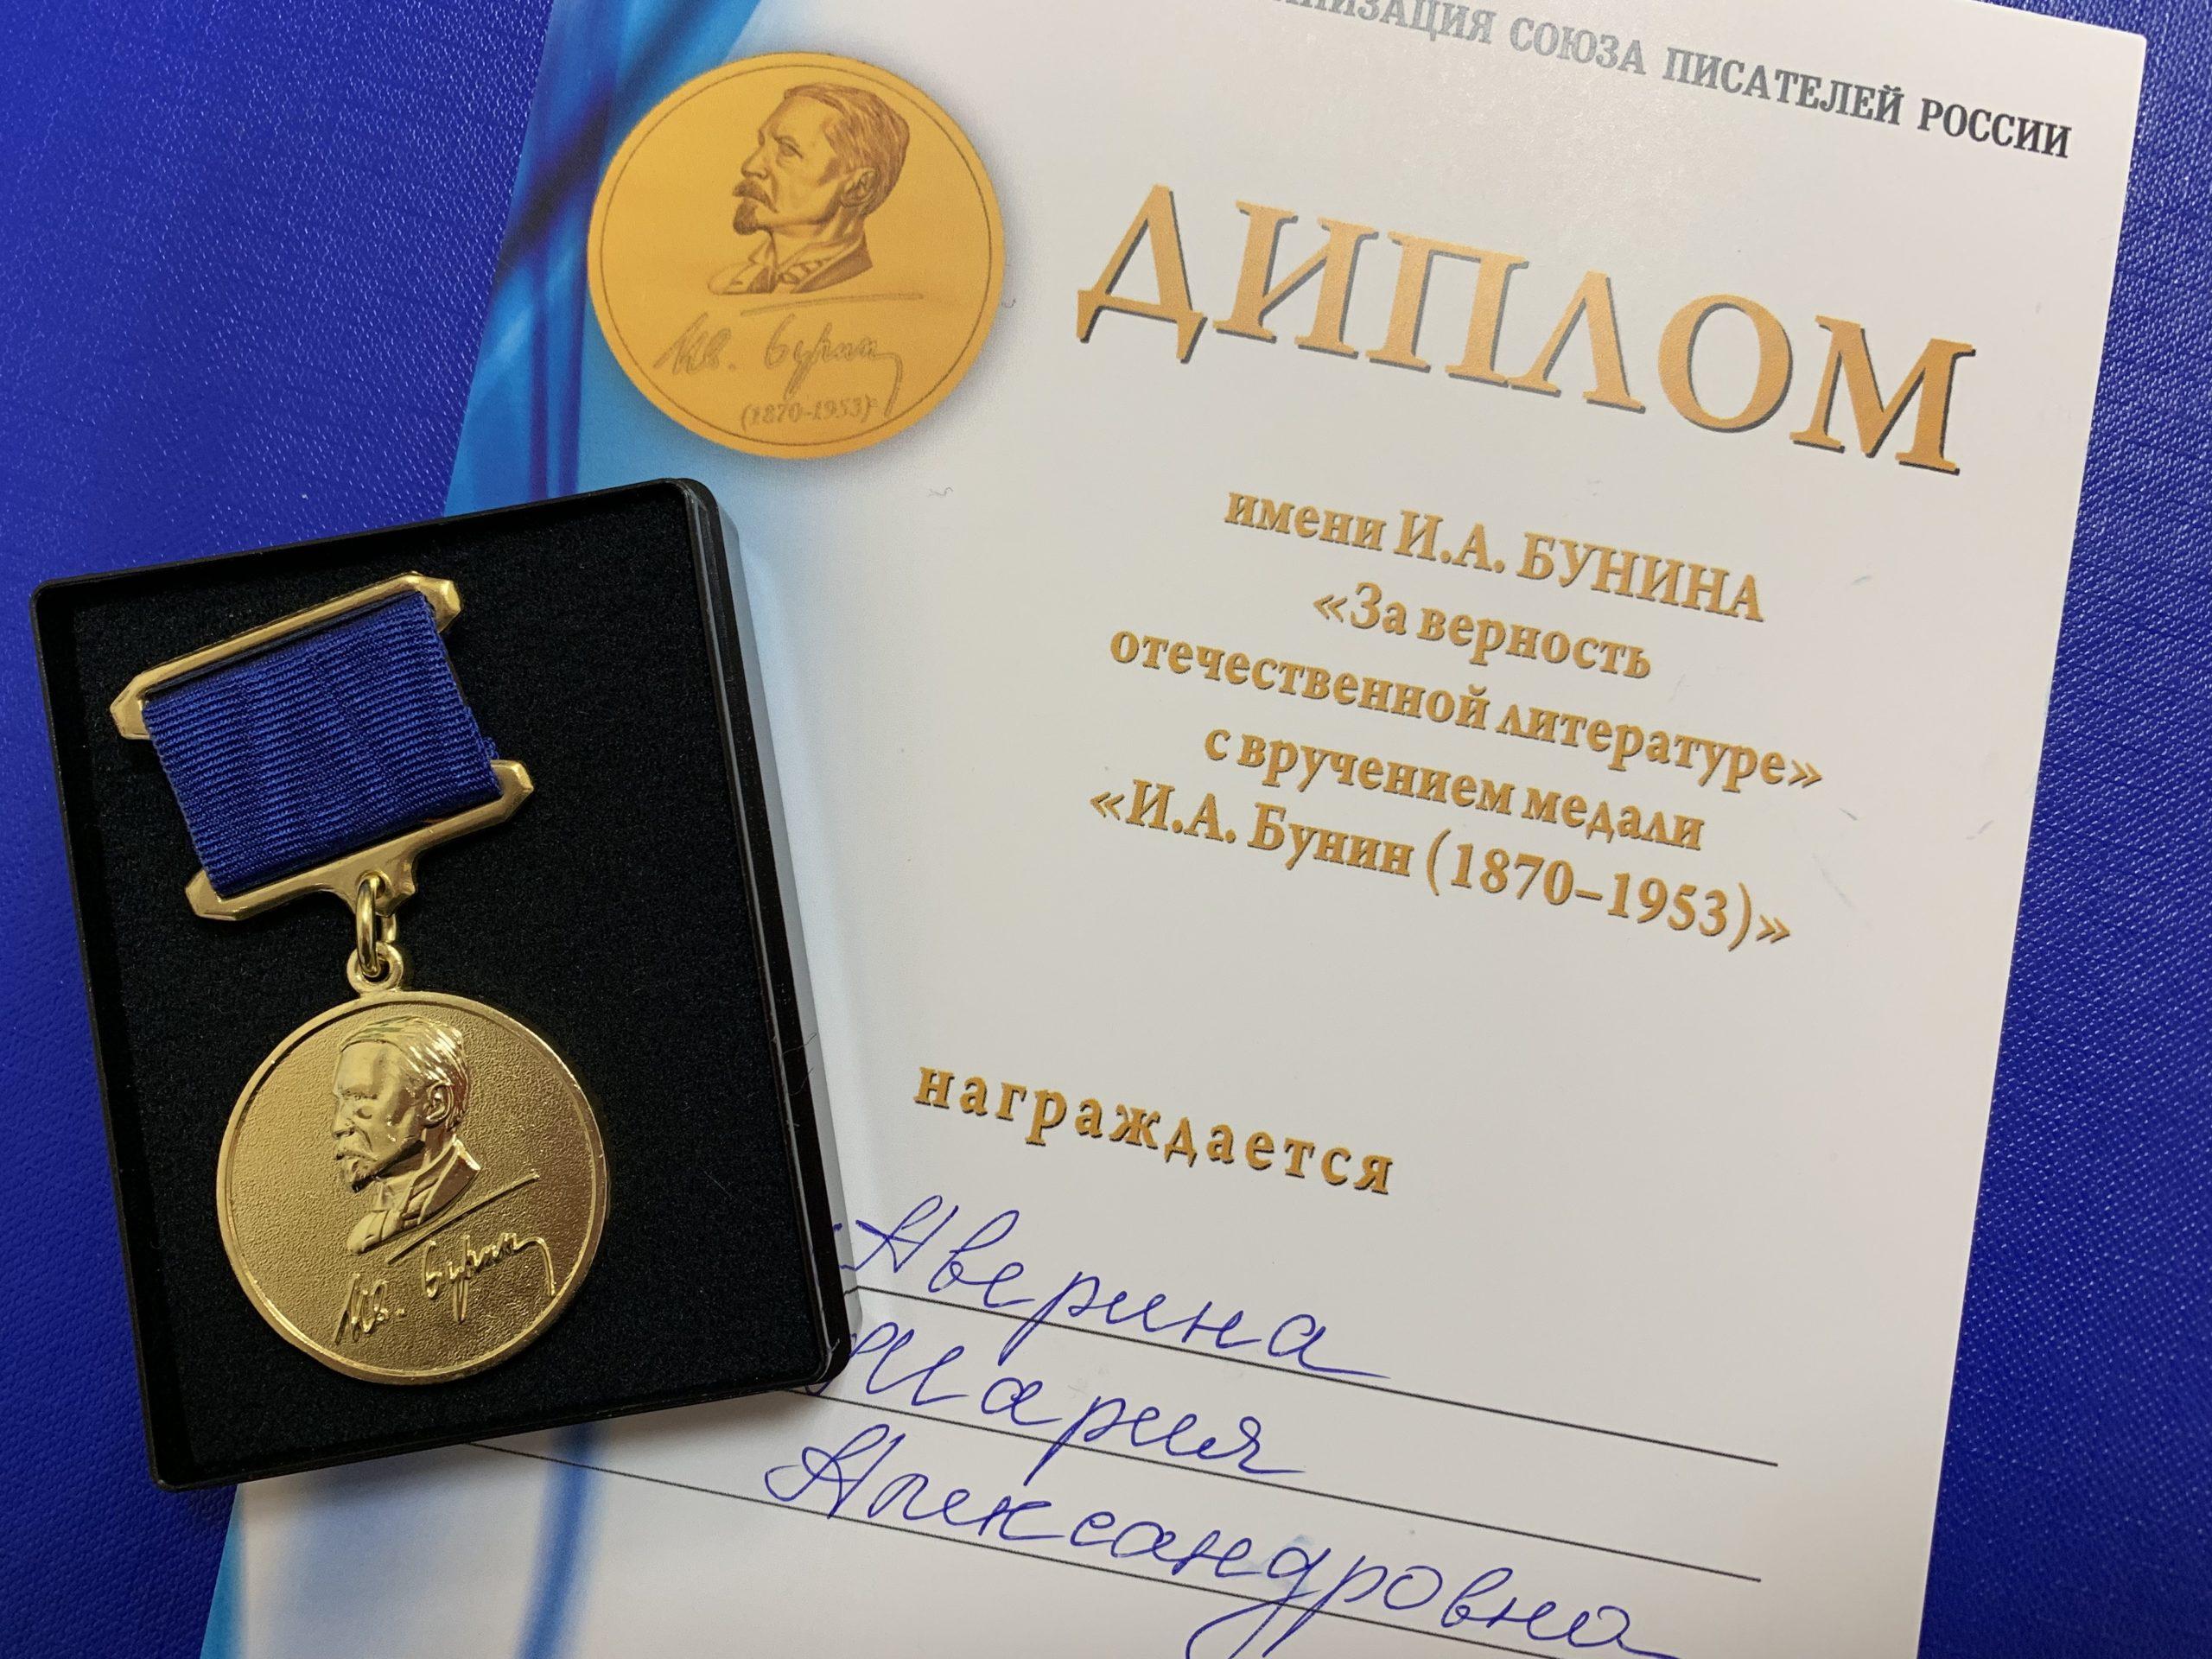 Аспирантка получила медаль Бунина залитературные достижения